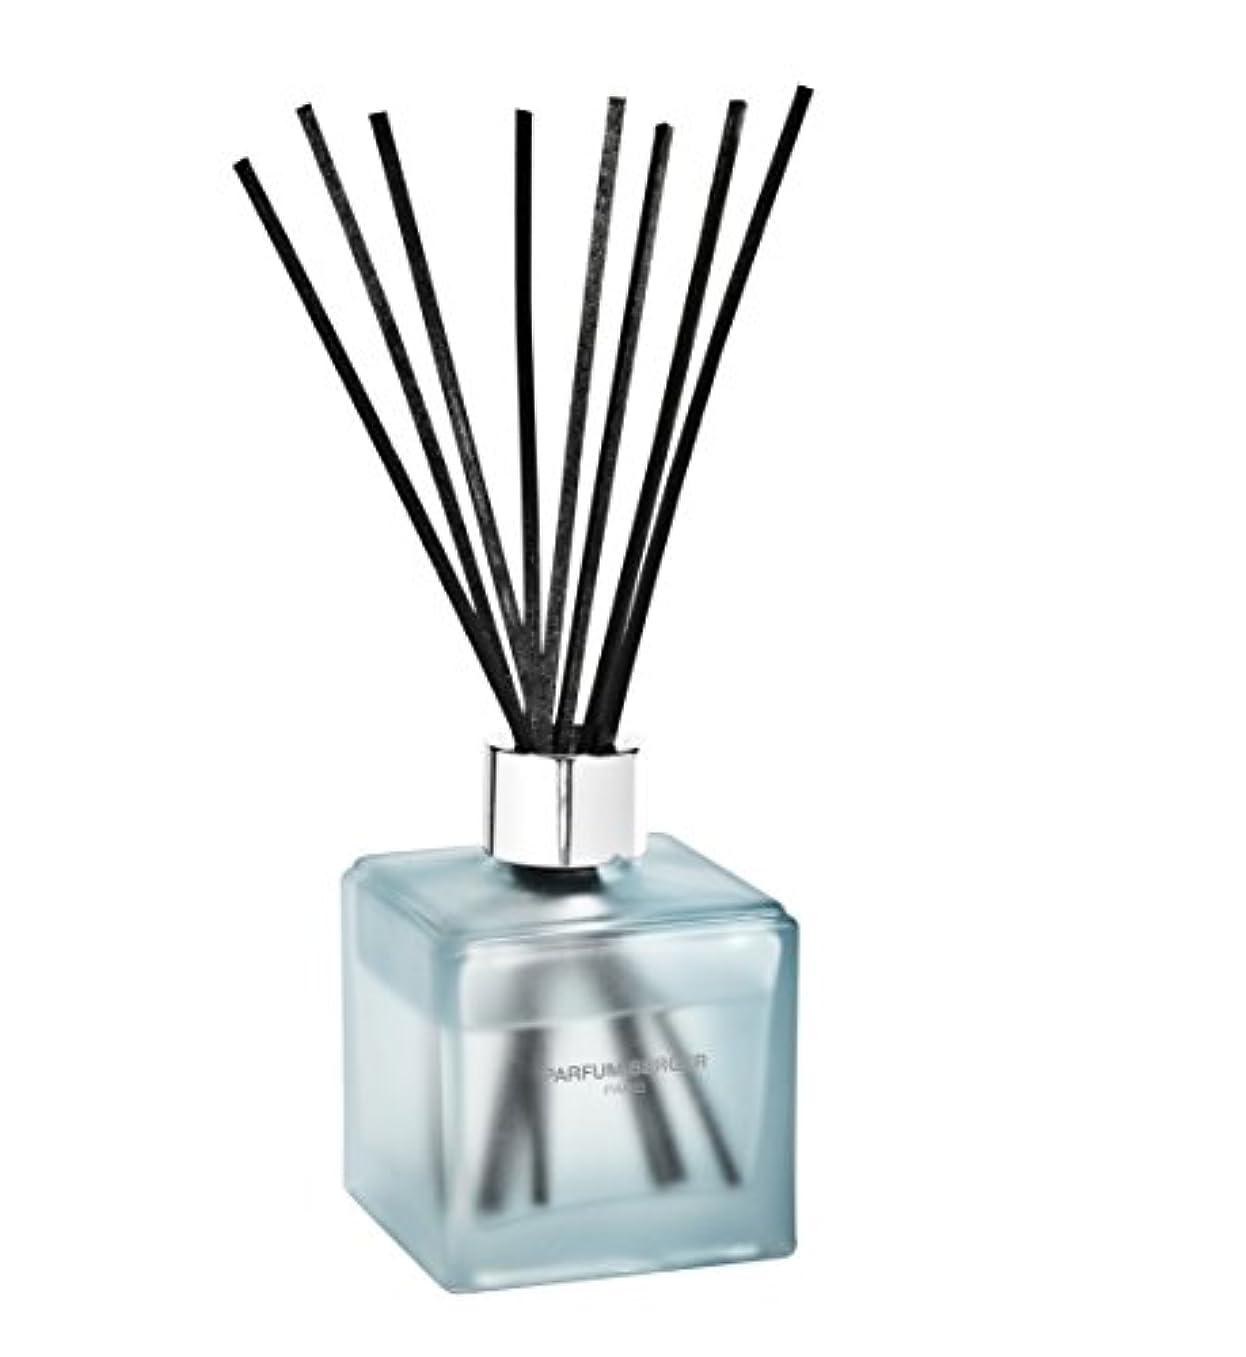 あいにく永久にセンチメートルランプベルジェ Functional Cube Scented Bouquet - Anti-Odour/Bathroom N?2 (Floral and Aromatic) 125ml/4.2oz並行輸入品